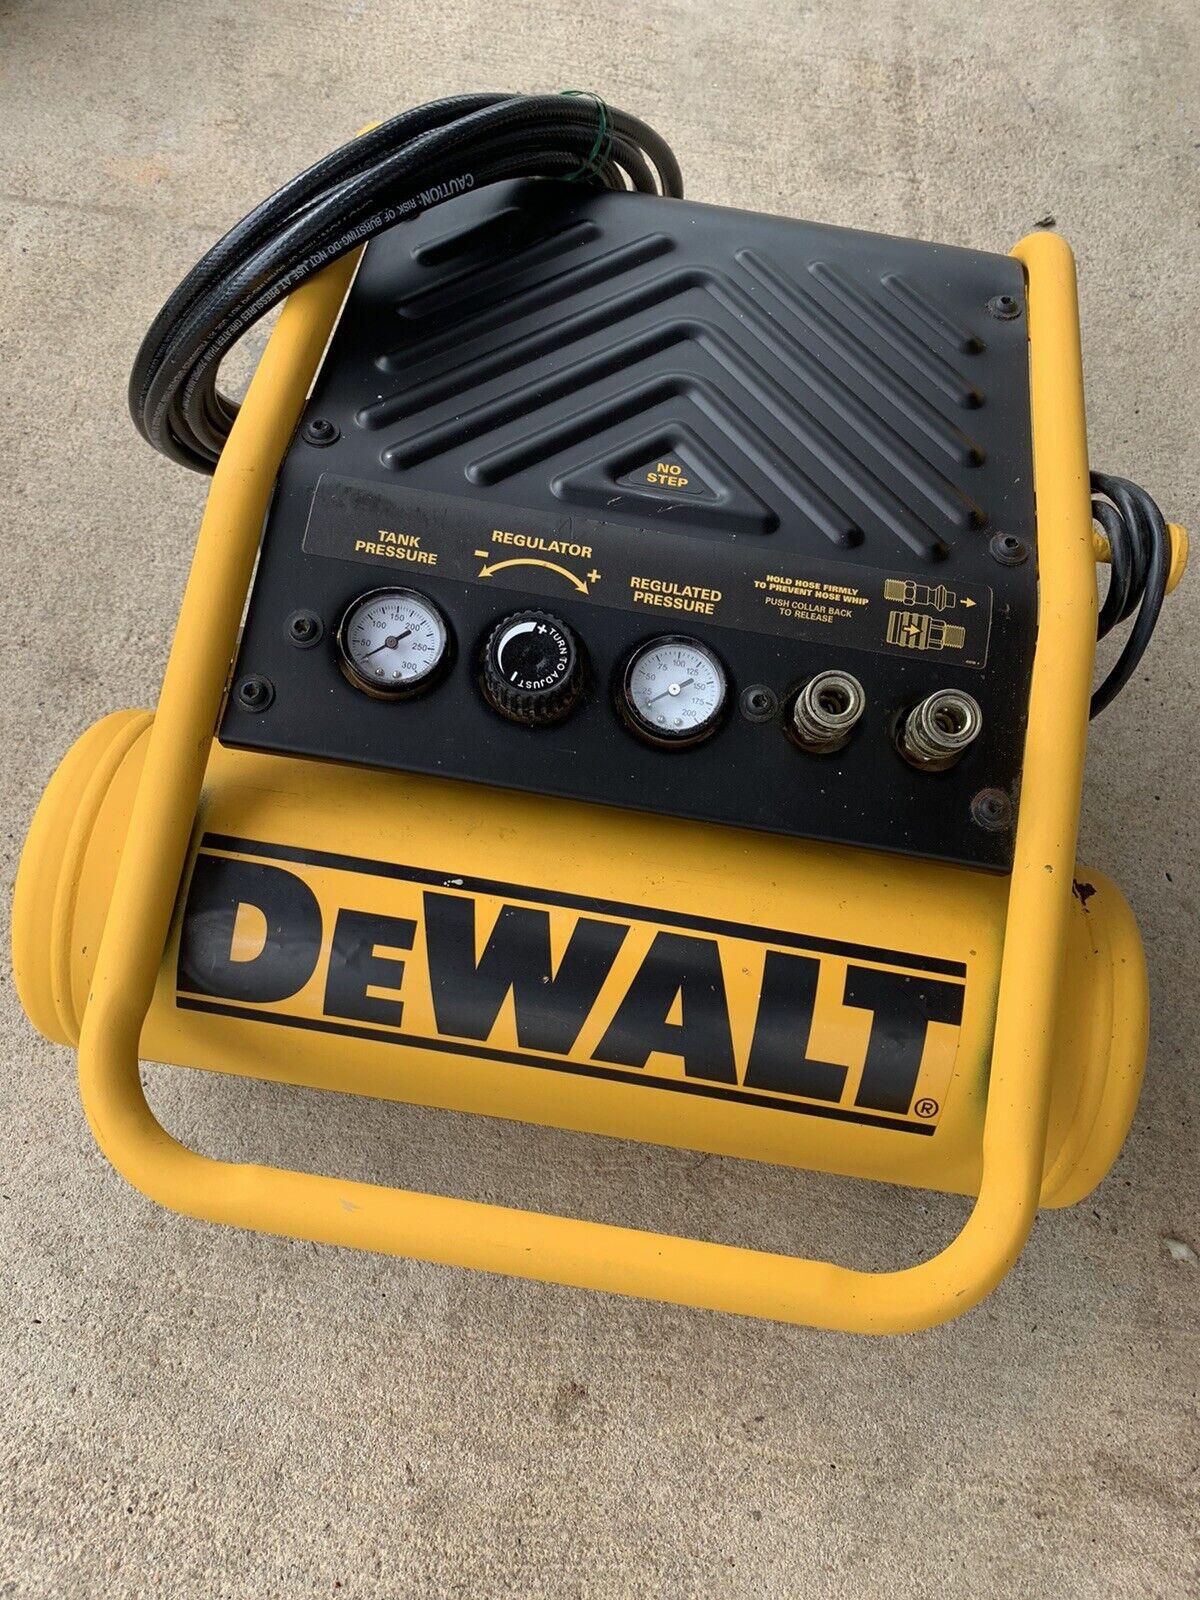 D55140 micmah_25 DEWALT D55140 135 PSI Max Trim Compressor